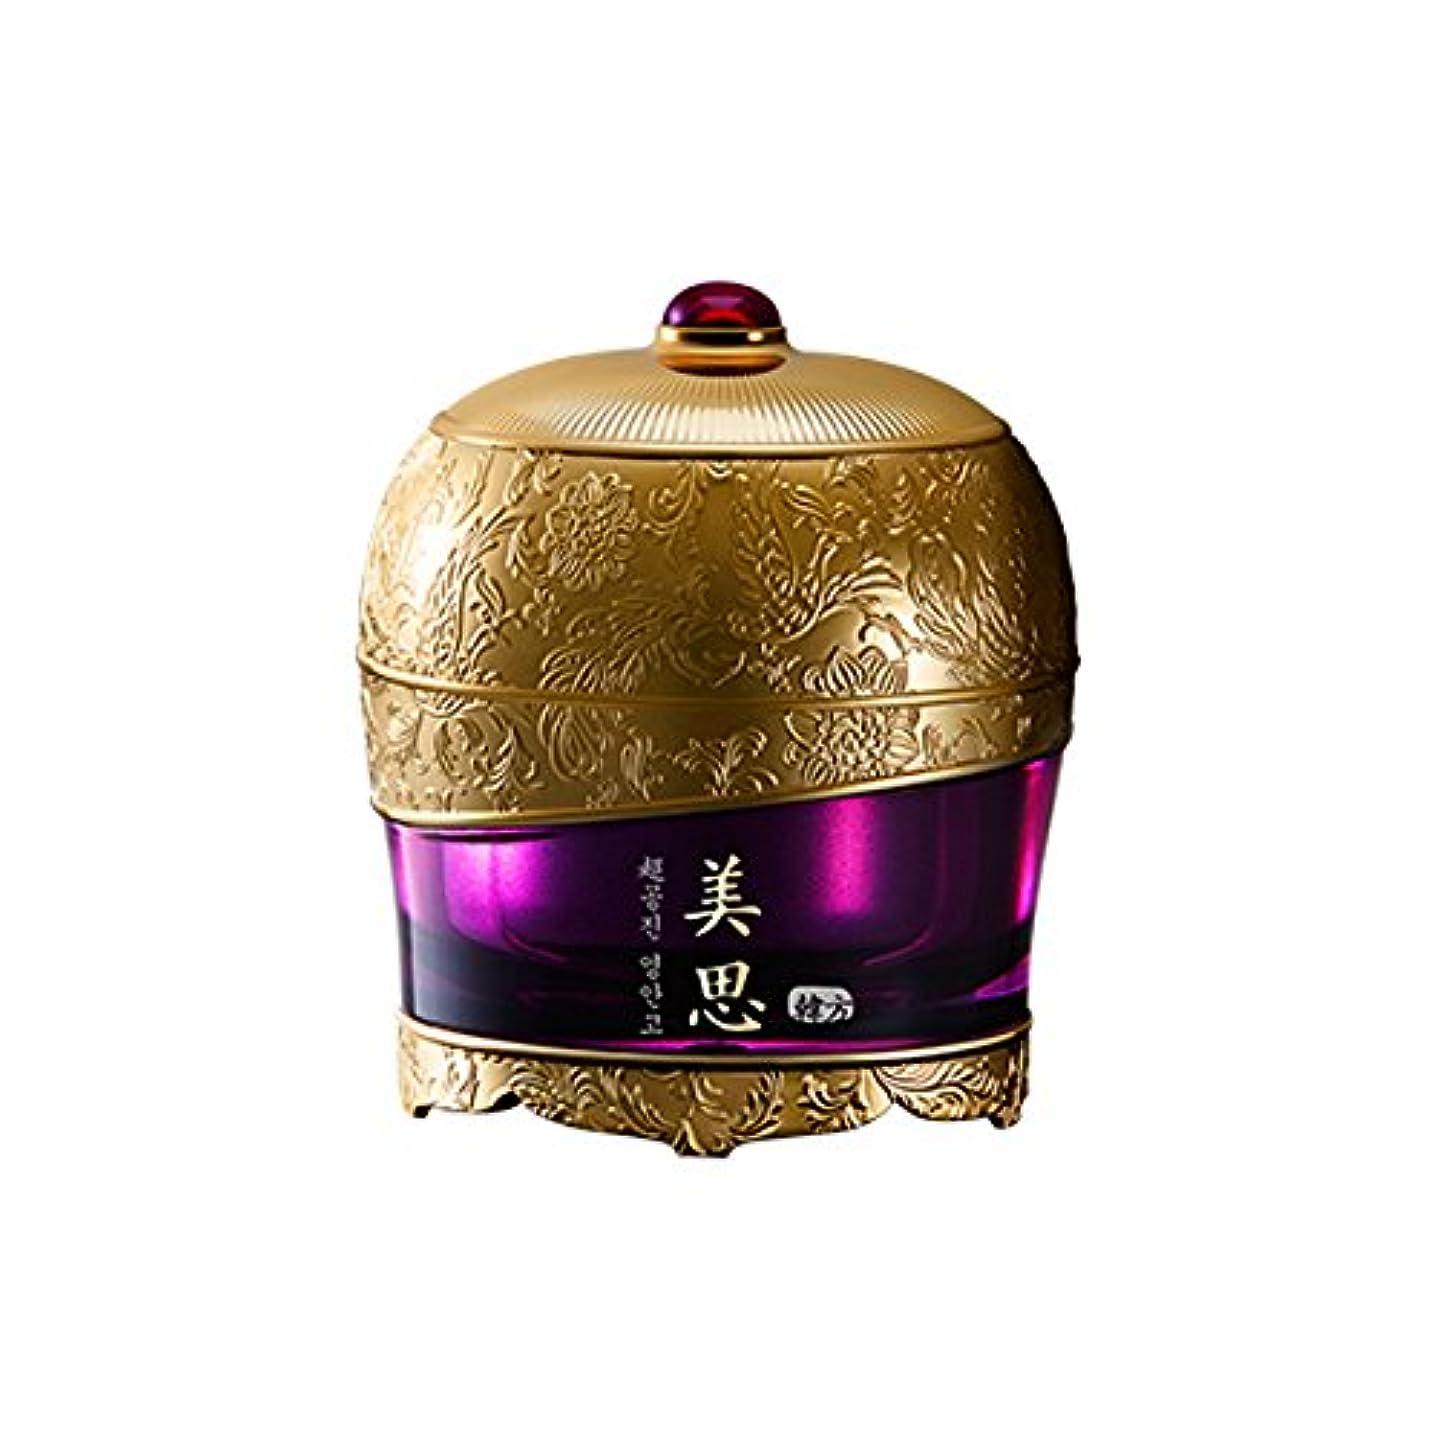 与えるレコーダー浪費MISSHA(ミシャ)★美思 韓方 旧チョボヤン (超)チョゴンジン 栄養クリーム 基礎化粧品 スキンケア